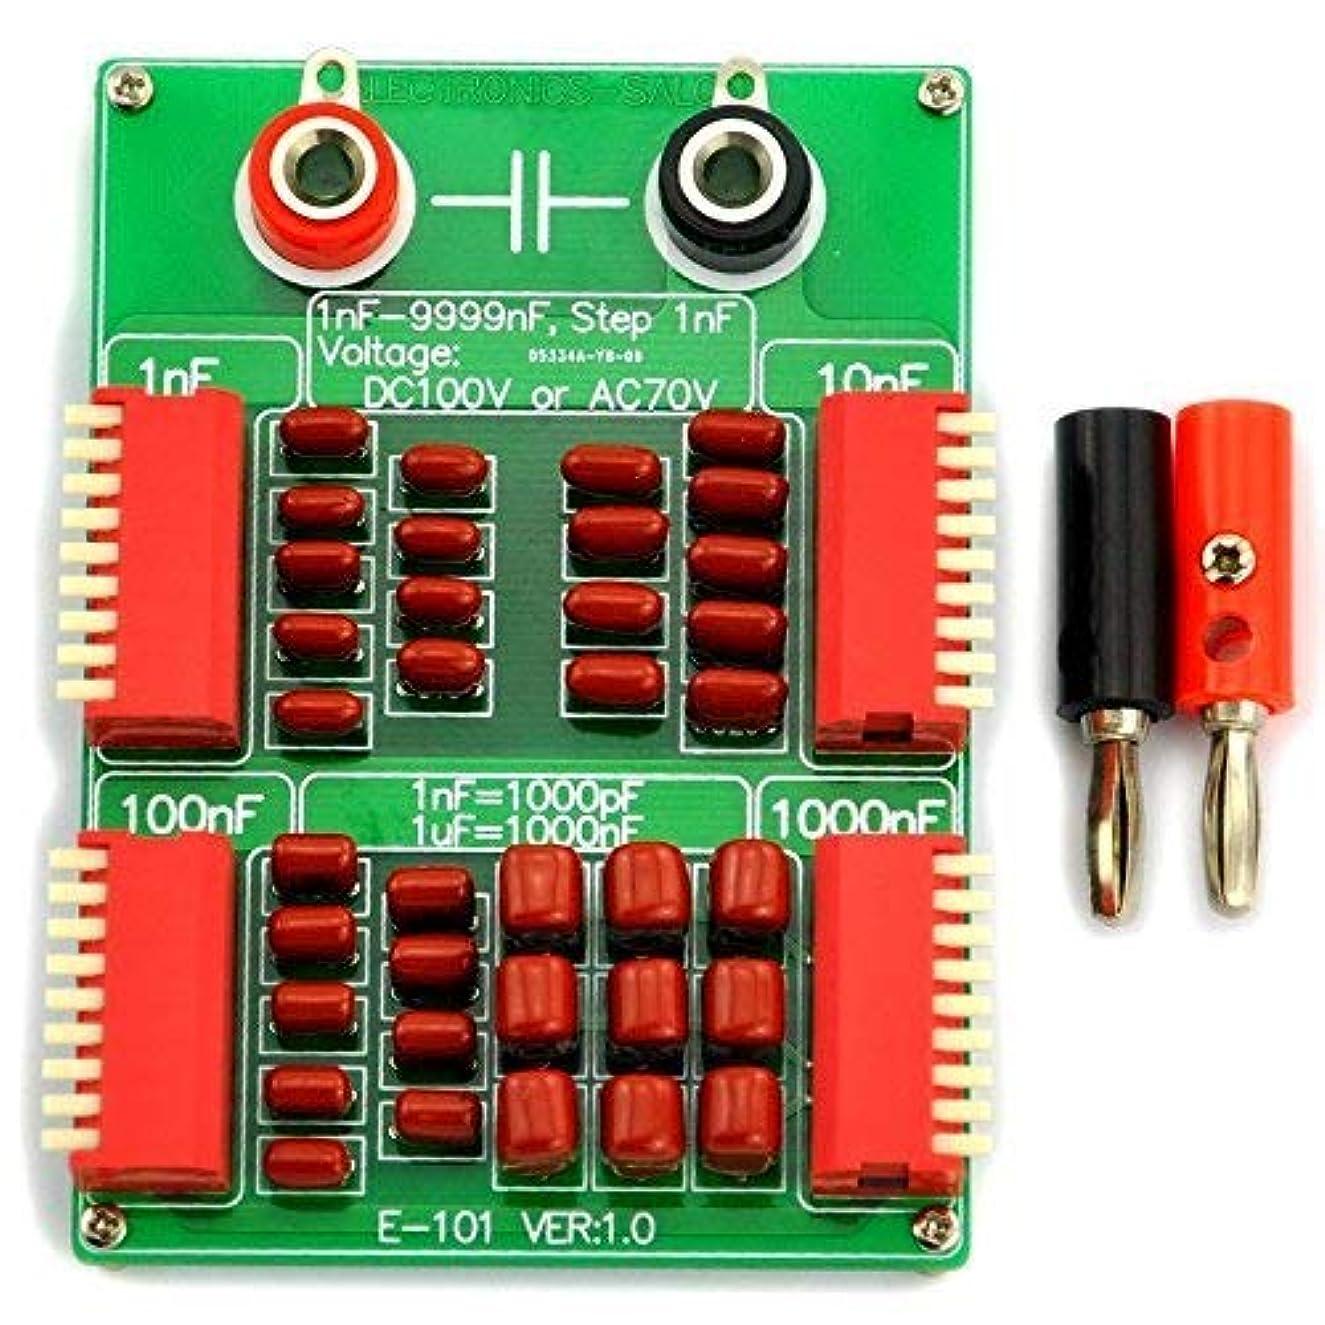 バインドレオナルドダもちろんElectronics-Salon 9999nfステップ-1nF 4十年 プログラム可能なコンデンサ?ボードに1nF